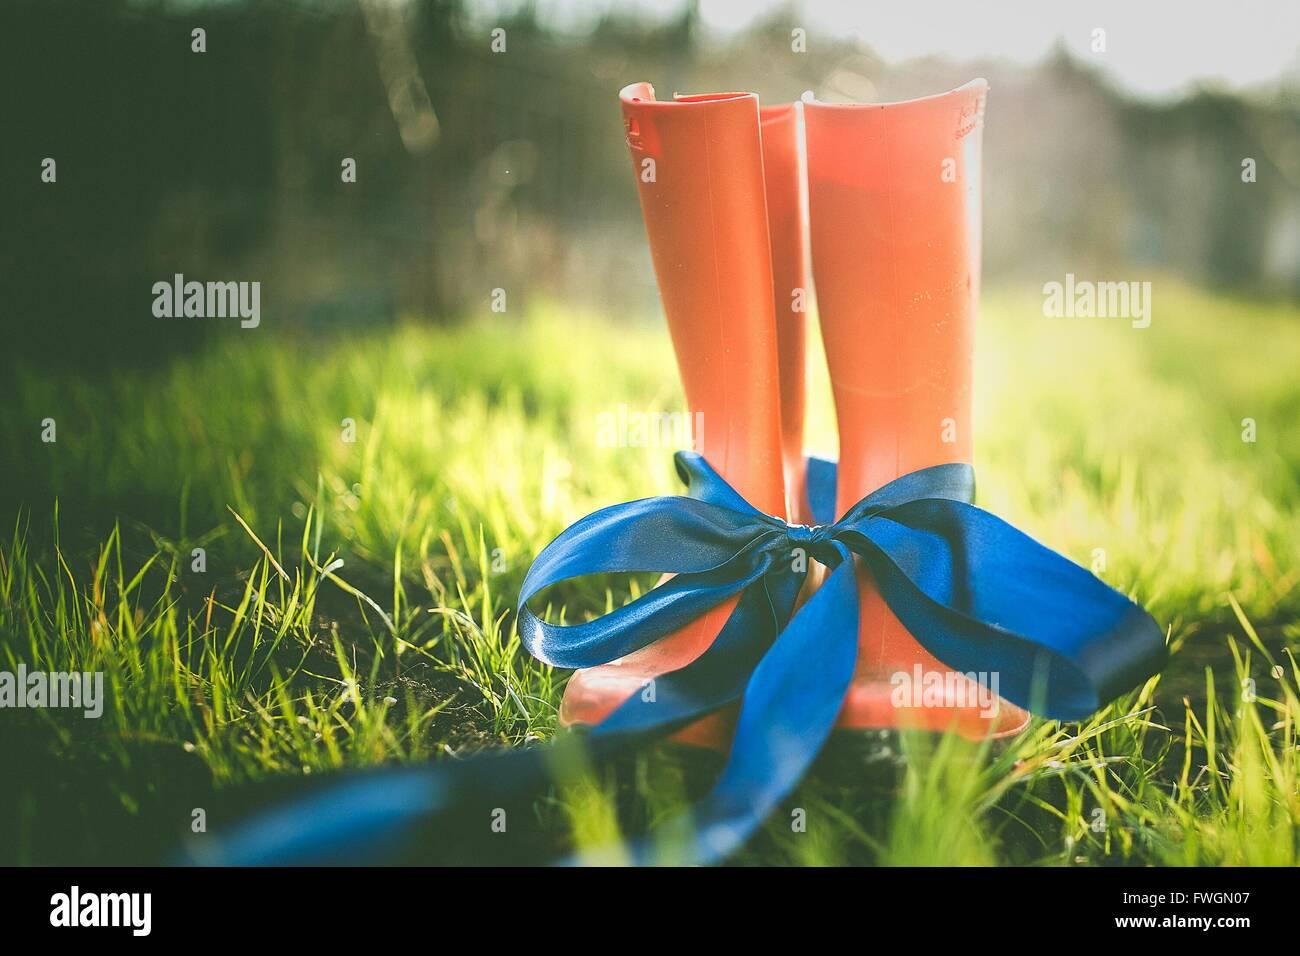 Nahaufnahme der Gummistiefel mit blauem Band gefesselt Stockbild